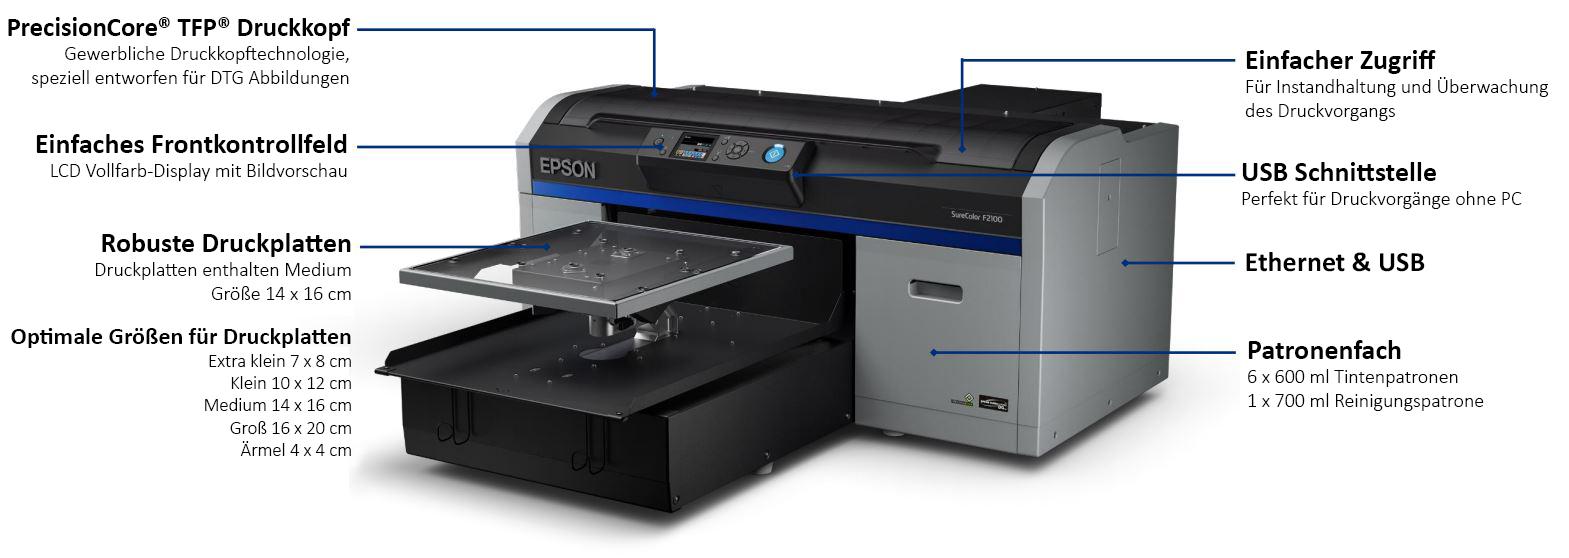 Epson SureColor SC-F2100 - Die Vorteile im Überblick